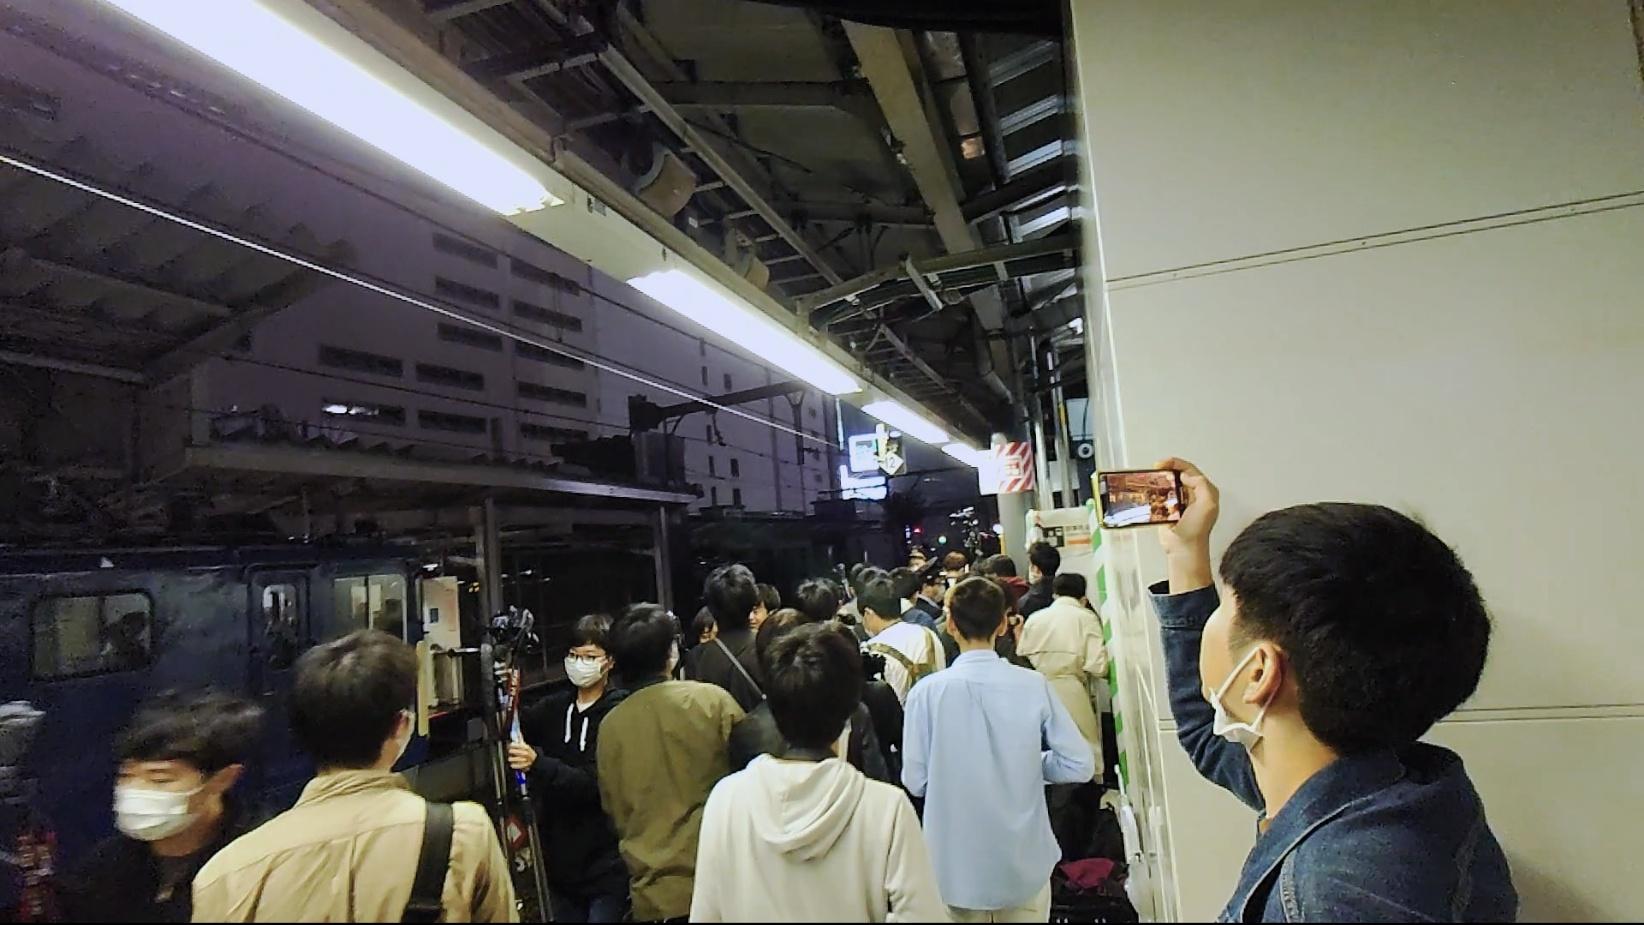 【エキセン大荒れ】651系伊豆クレイル廃車配給は新宿経由に 通勤客がいる中ホームでは撮り鉄が全力疾走